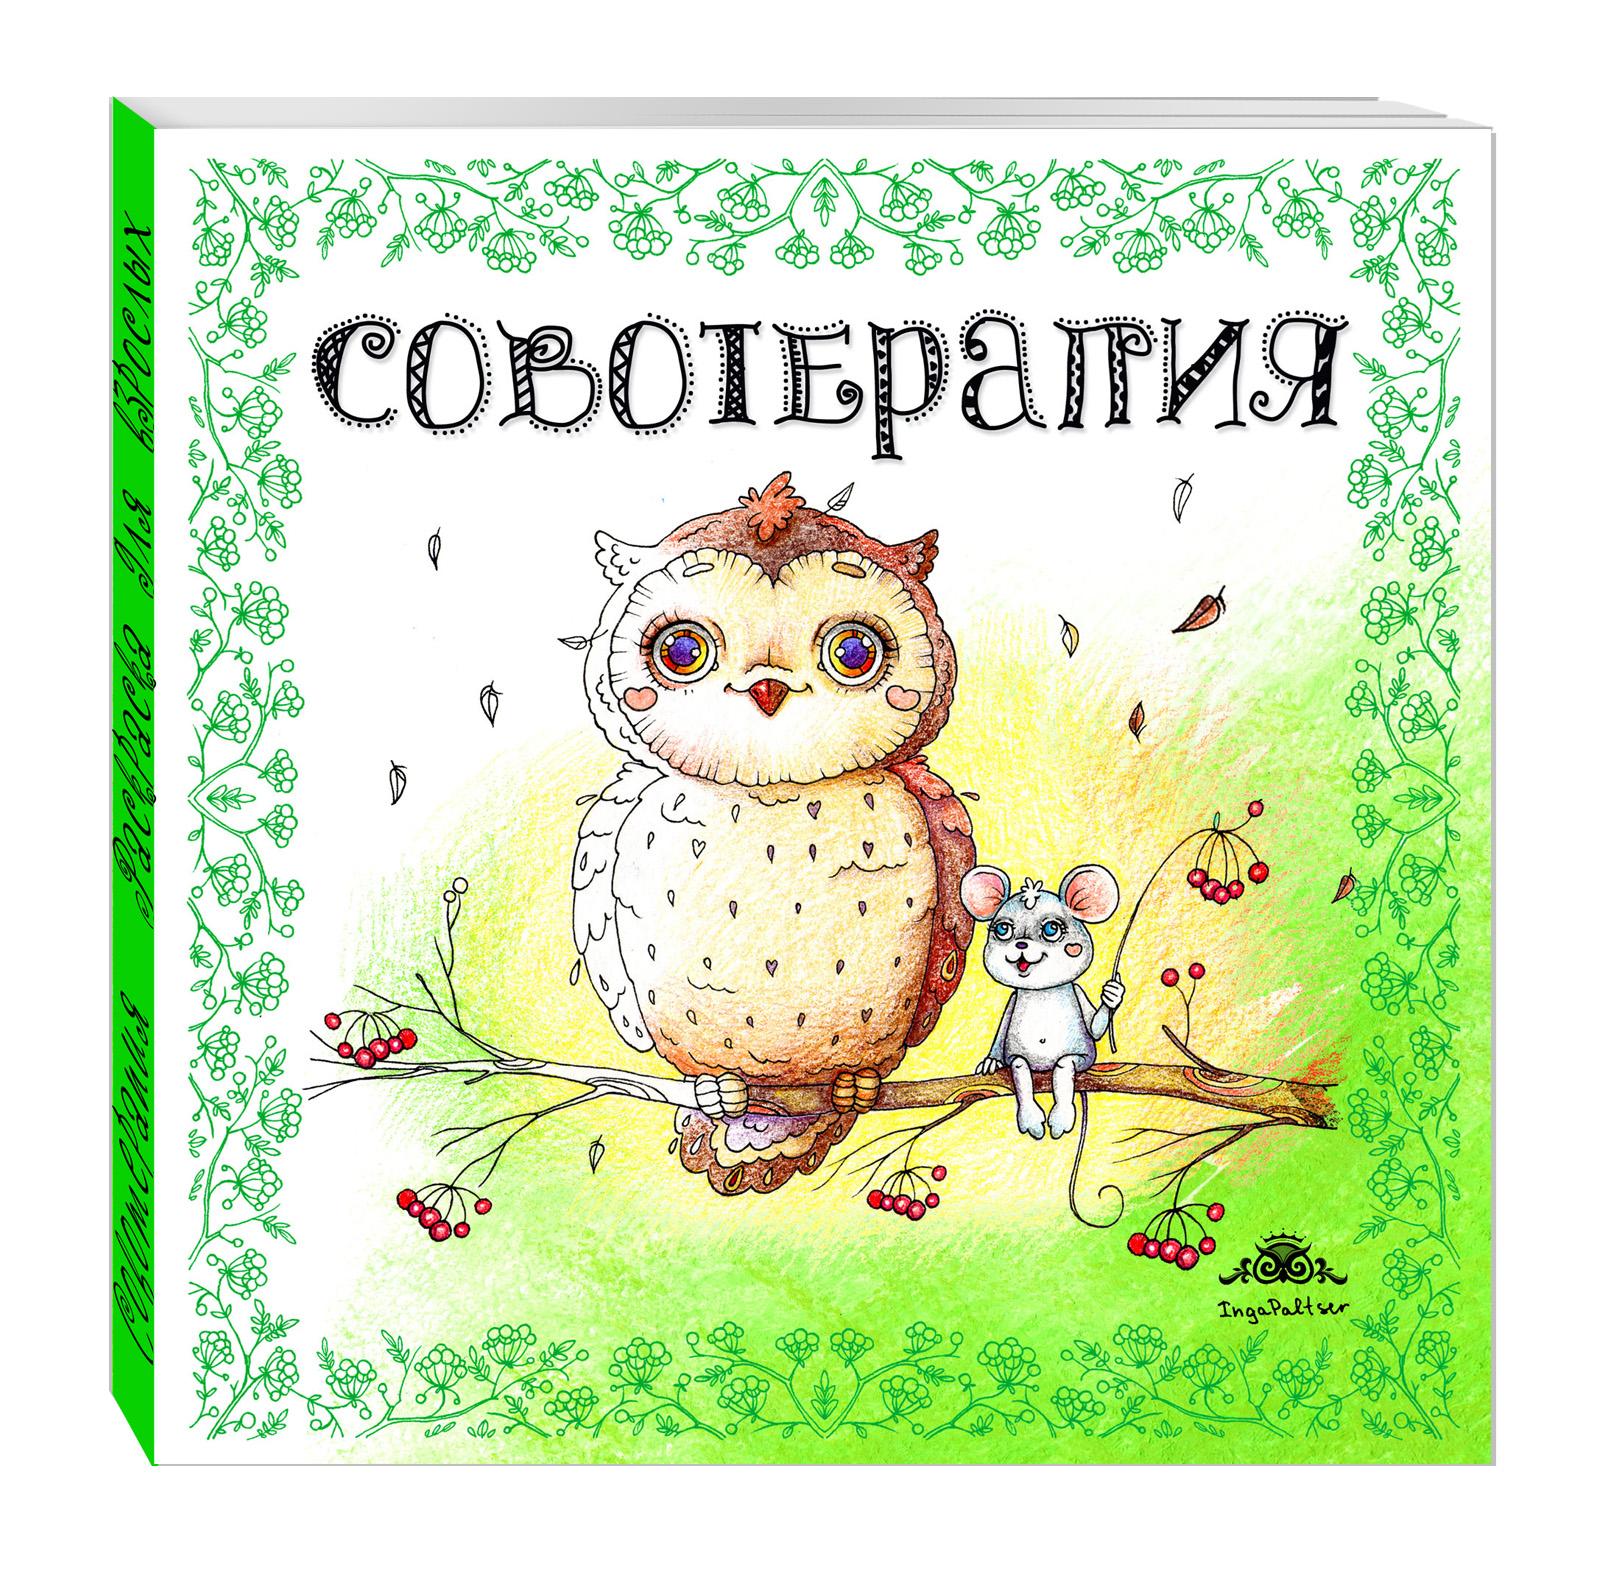 Совотерапия! Раскраска для взрослых ( Инга Пальцер  )